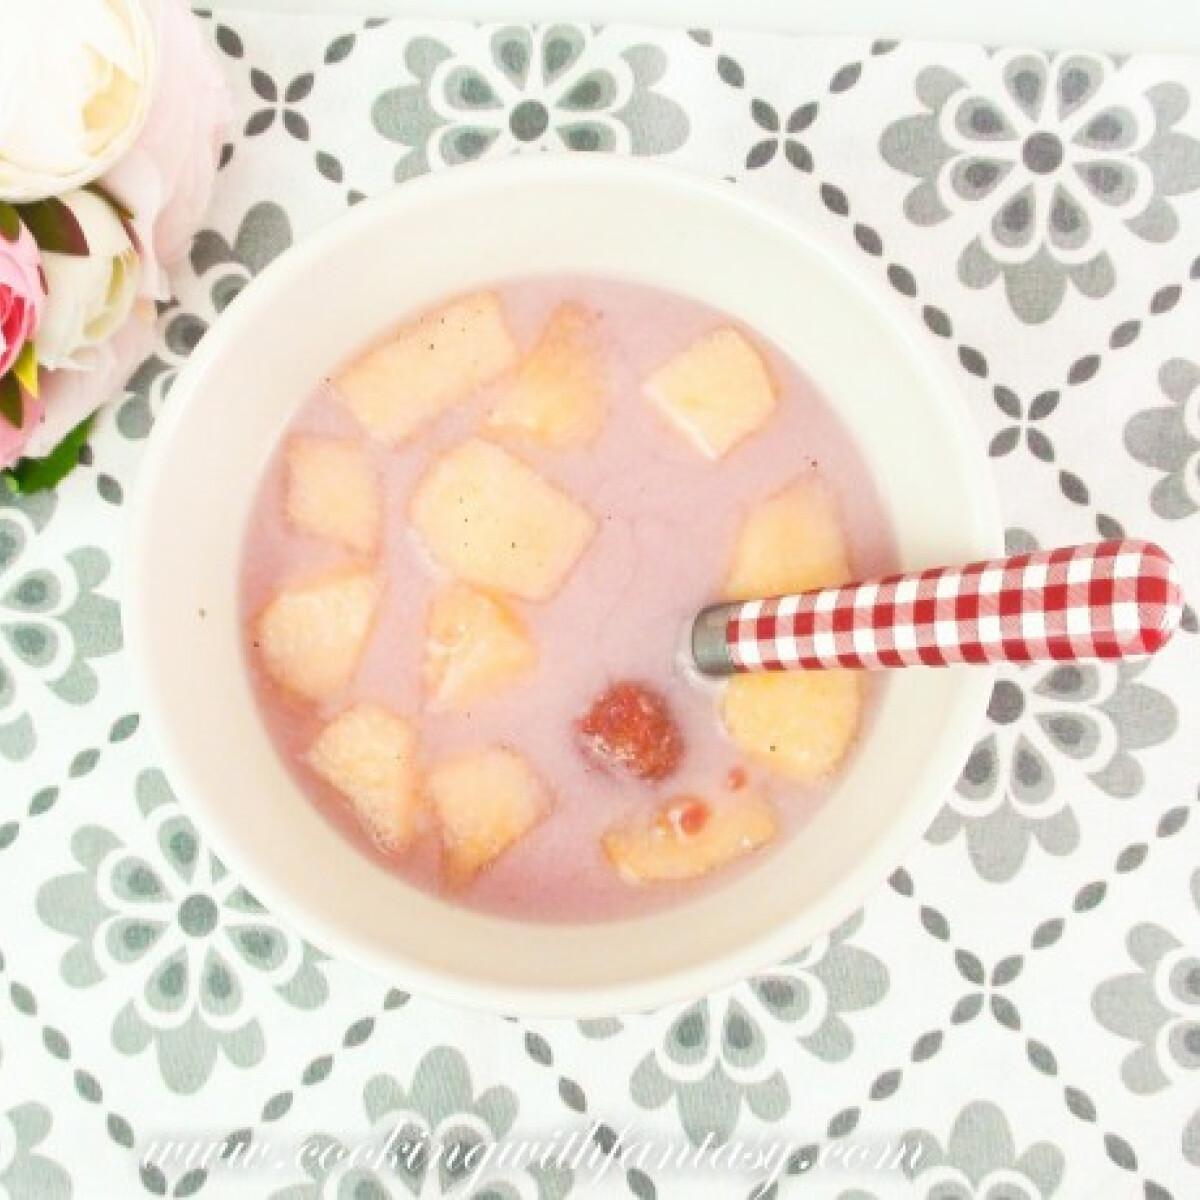 Mákos-joghurtos gyümölcsleves